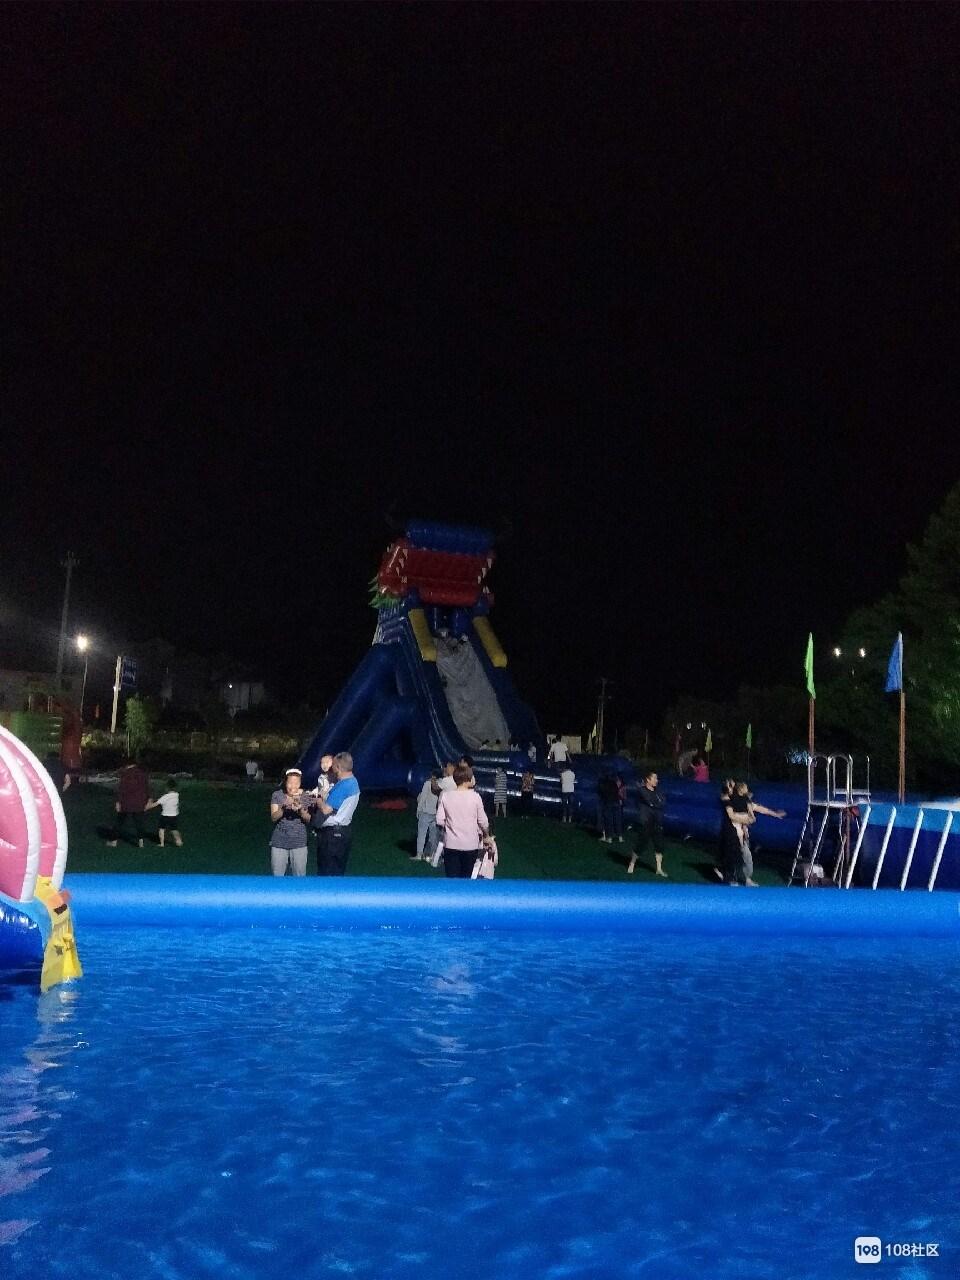 仅剩1天!赶在开幕前,东门这大型游乐园还能免费玩